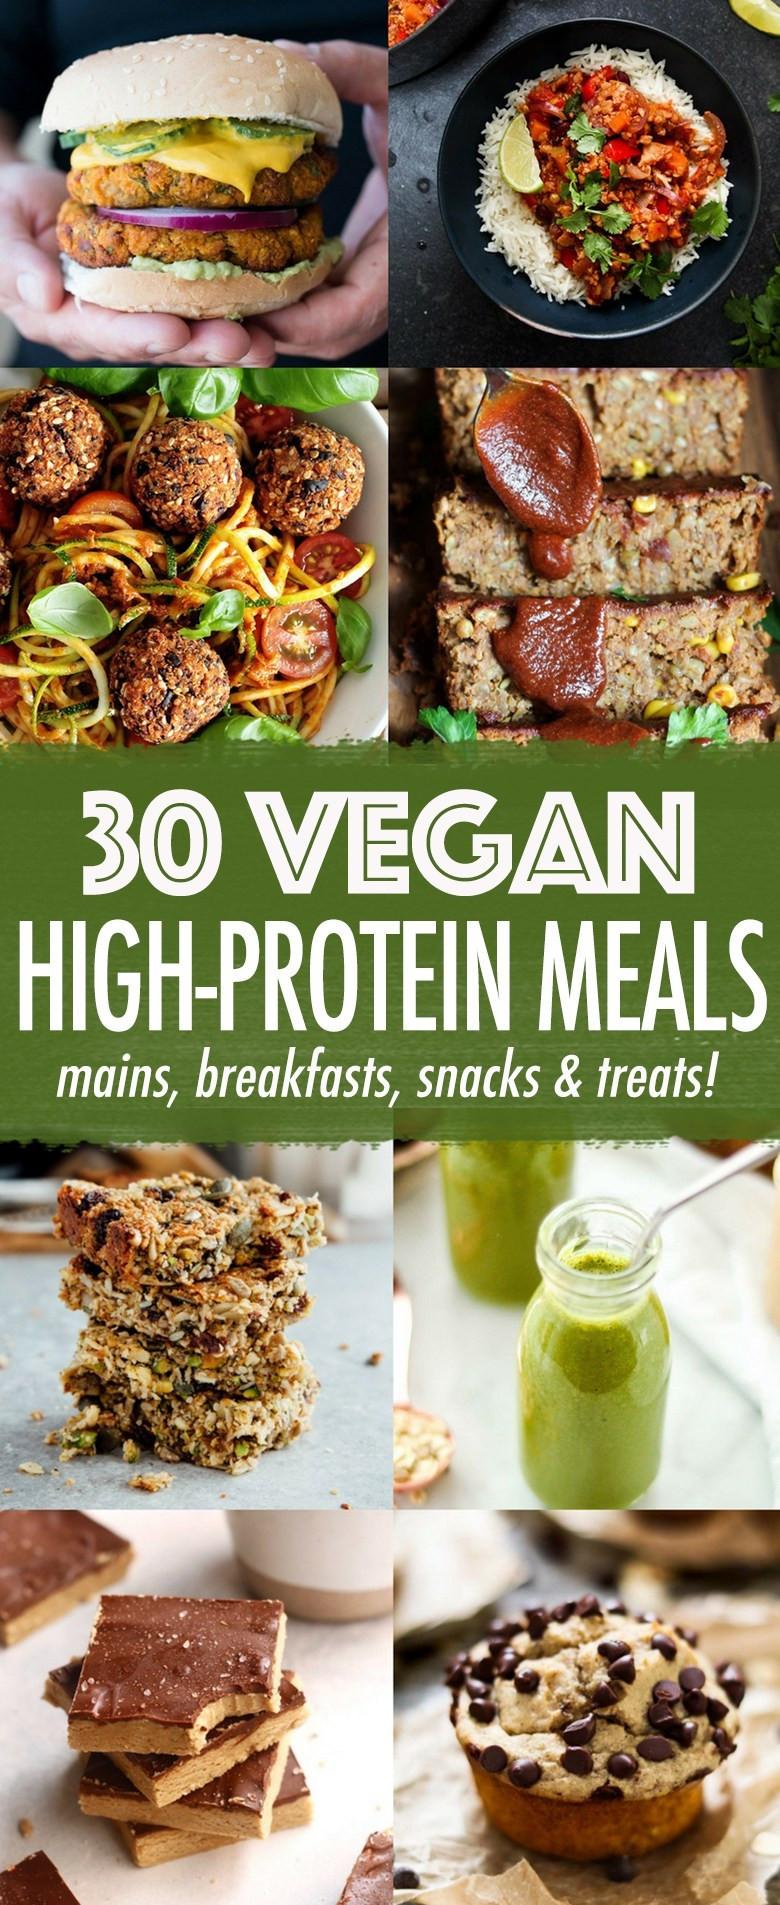 High Protein Snacks Recipes  30 High protein Vegan Meals Wallflower Kitchen